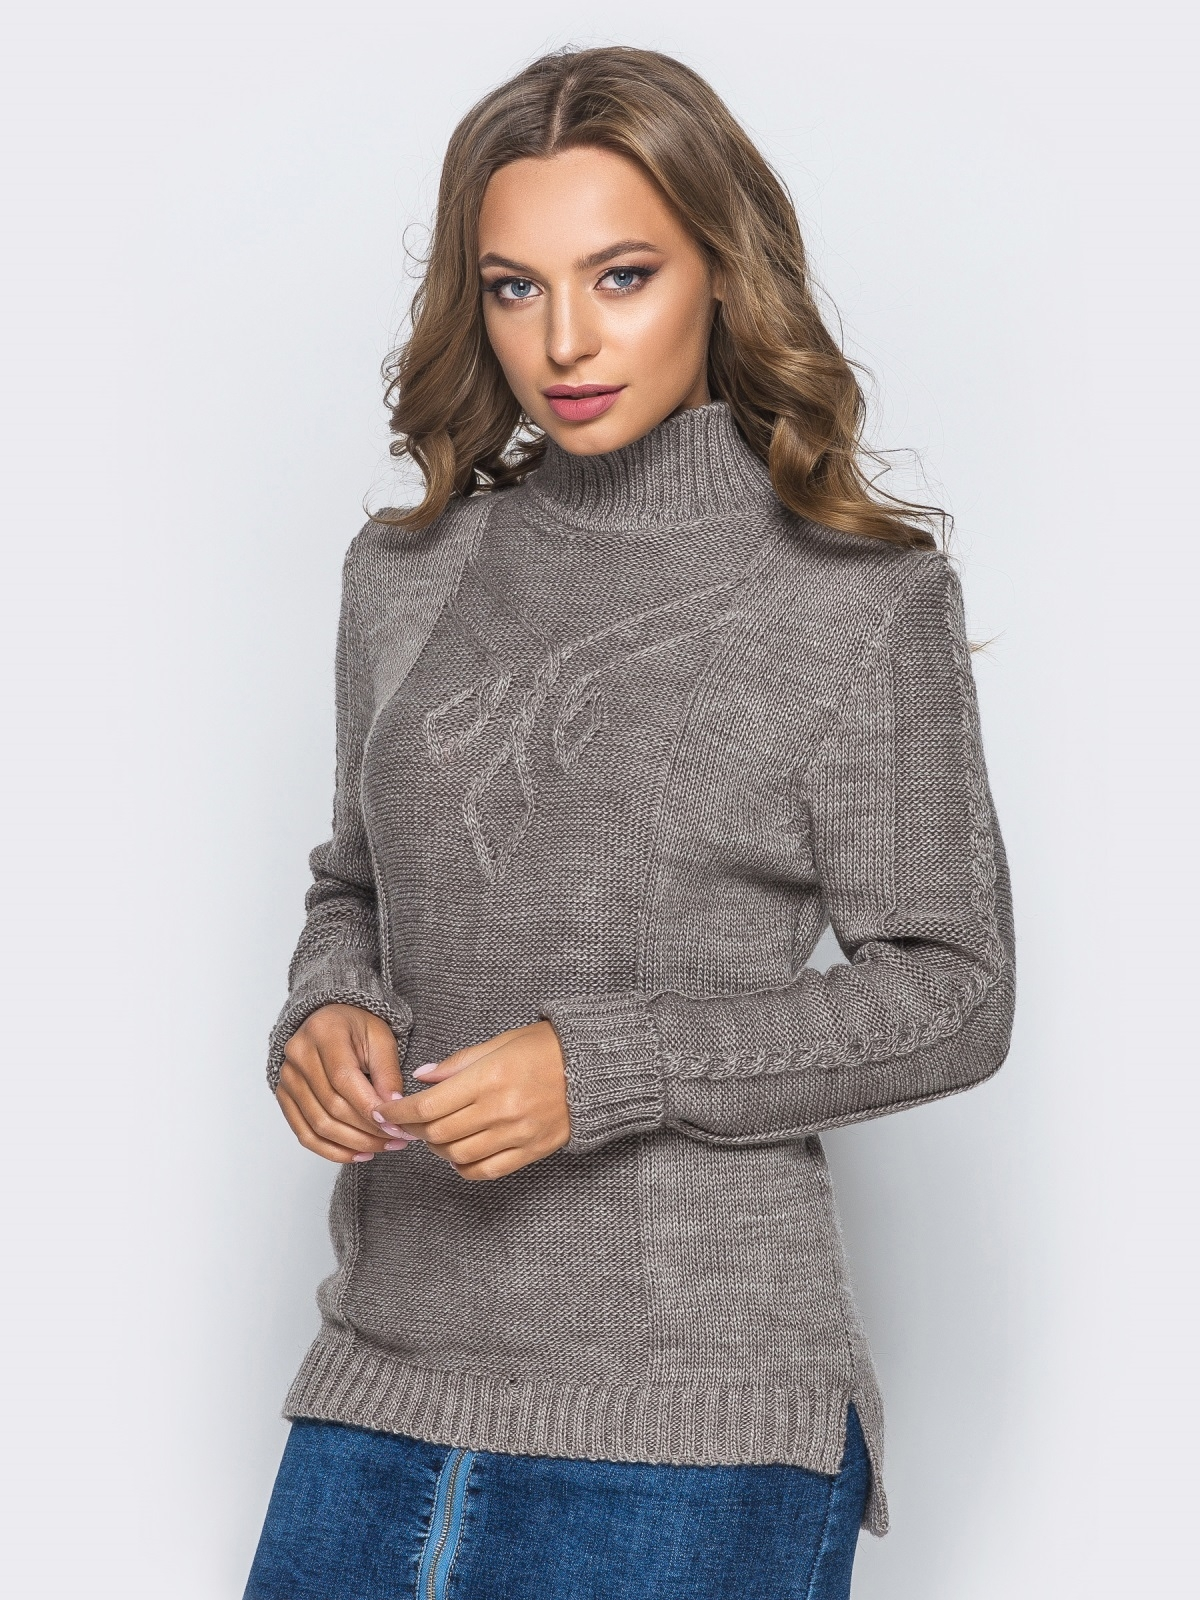 Вязаный свитер коричневого цвета с высоким воротником - 17083, фото 1 – интернет-магазин Dressa